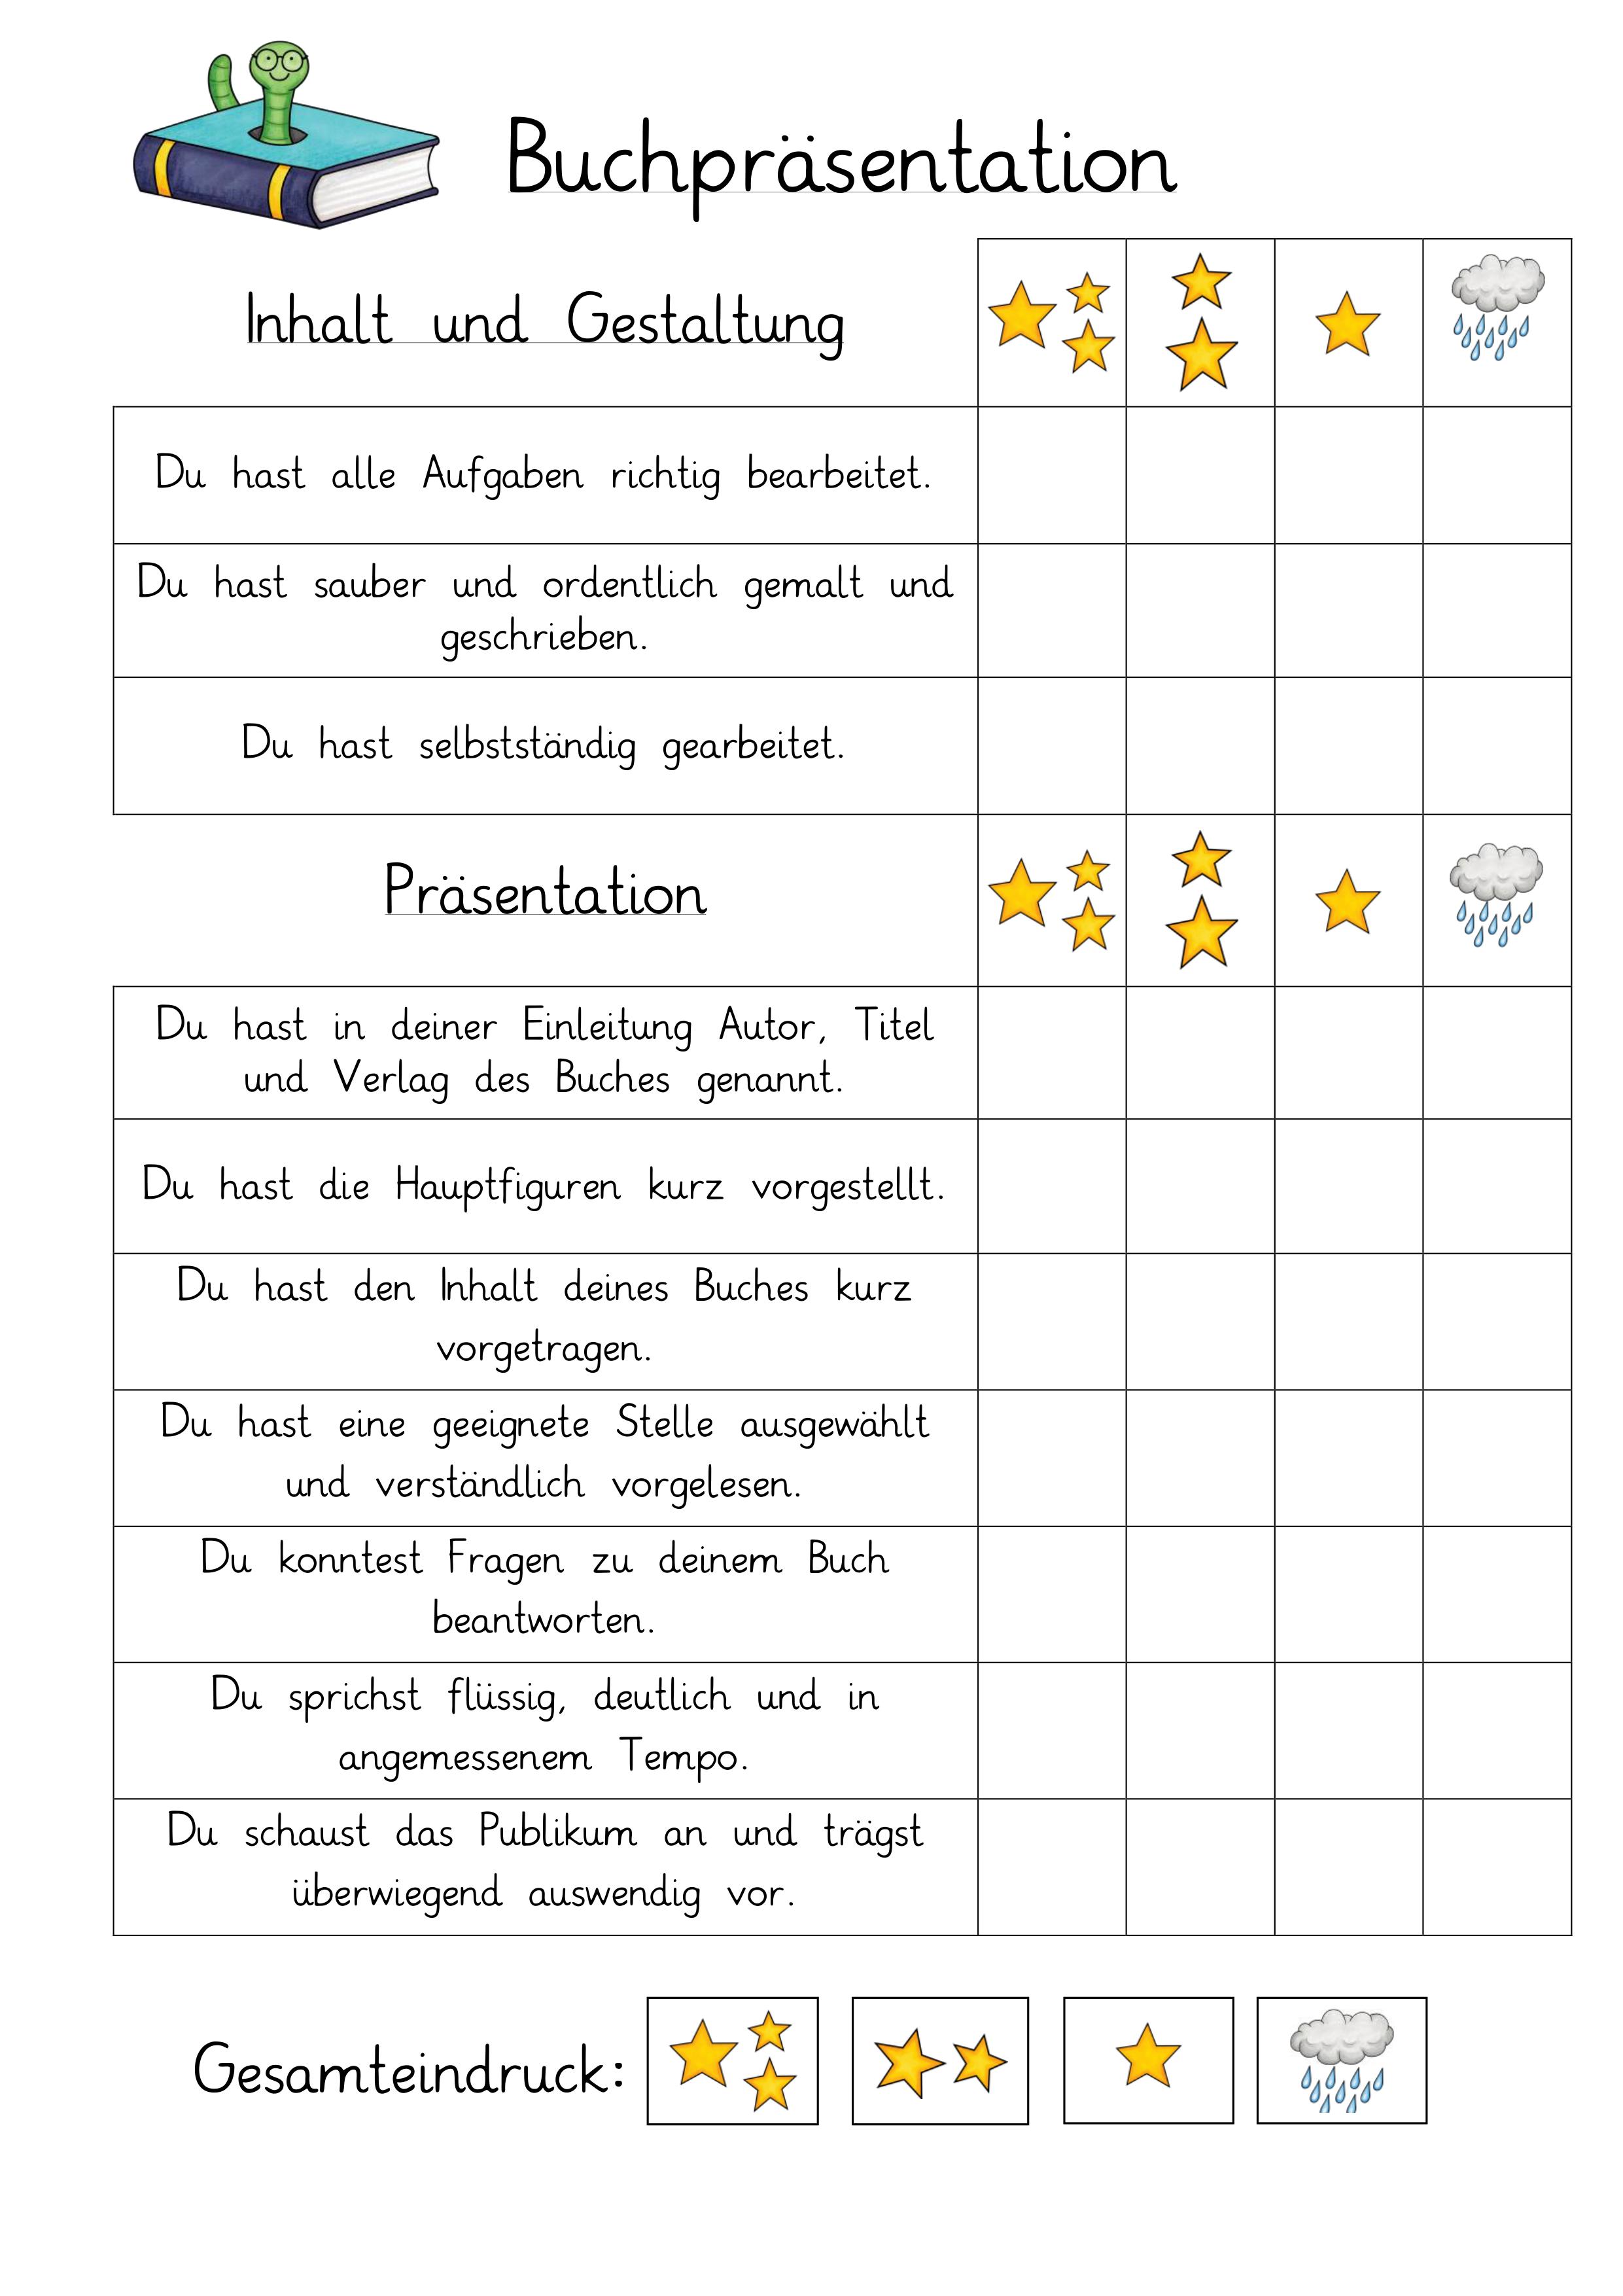 Buchprasentation Bewertungsraster Unterrichtsmaterial Im Fach Deutsch Lernen Tipps Schule Buchvorstellung Grundschule Unterricht Lesen